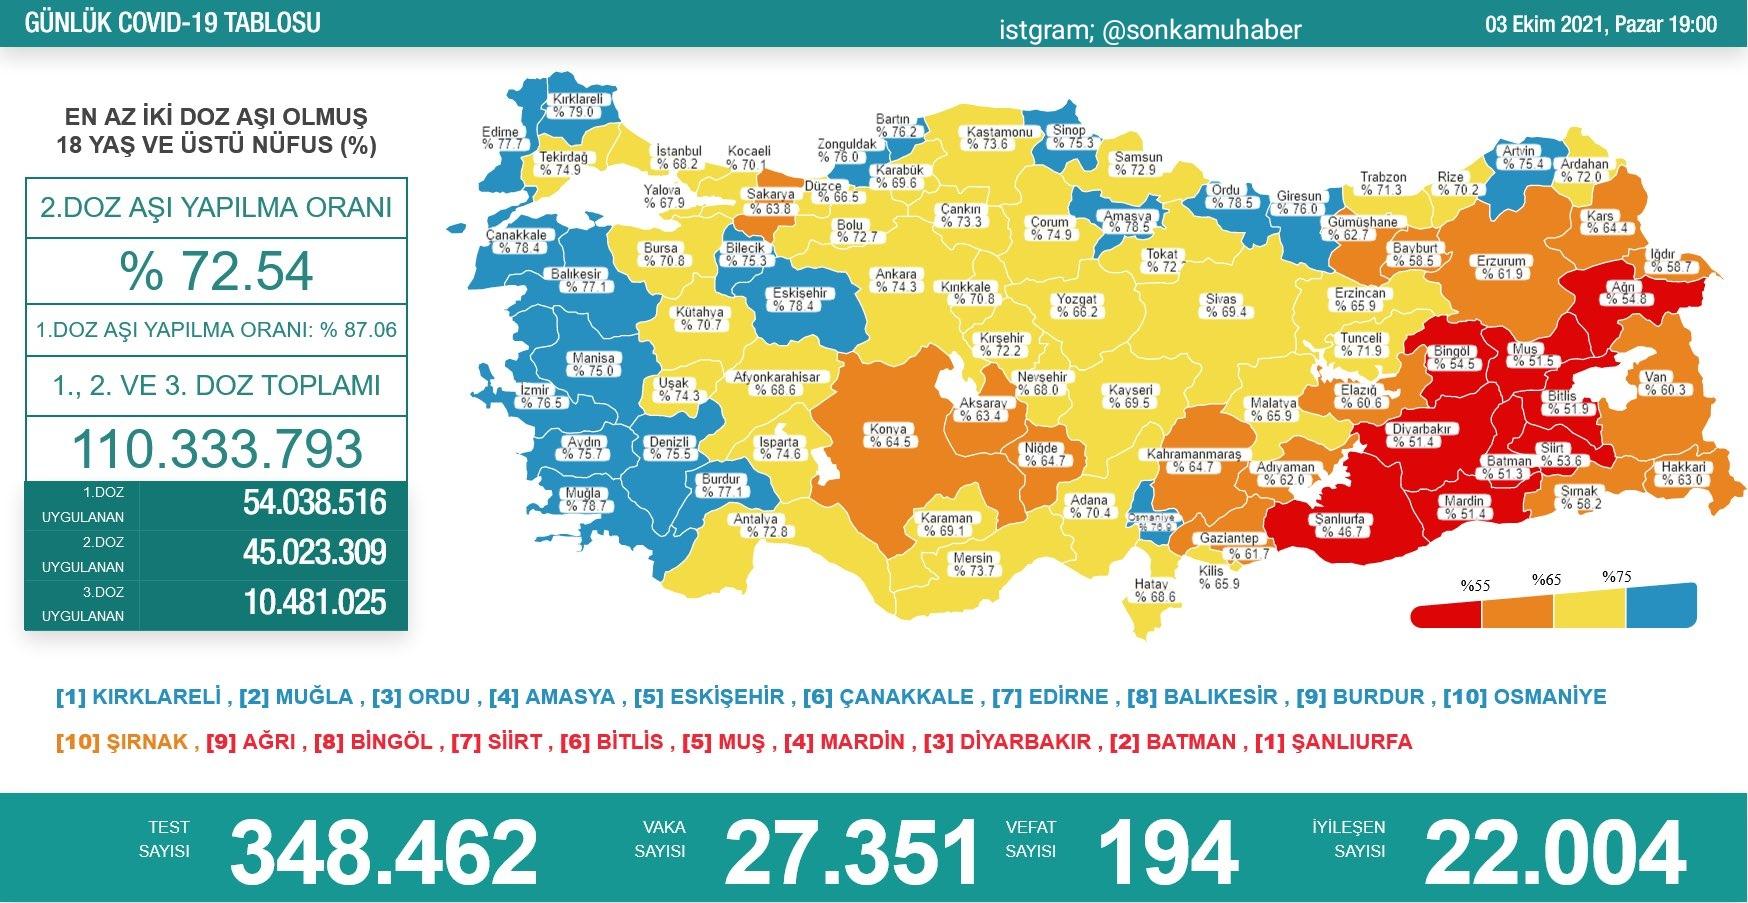 Sağlık Bakanlığı 3 Ekim 2021 Türkiye Koronavirüs Tablosu Açıkladı